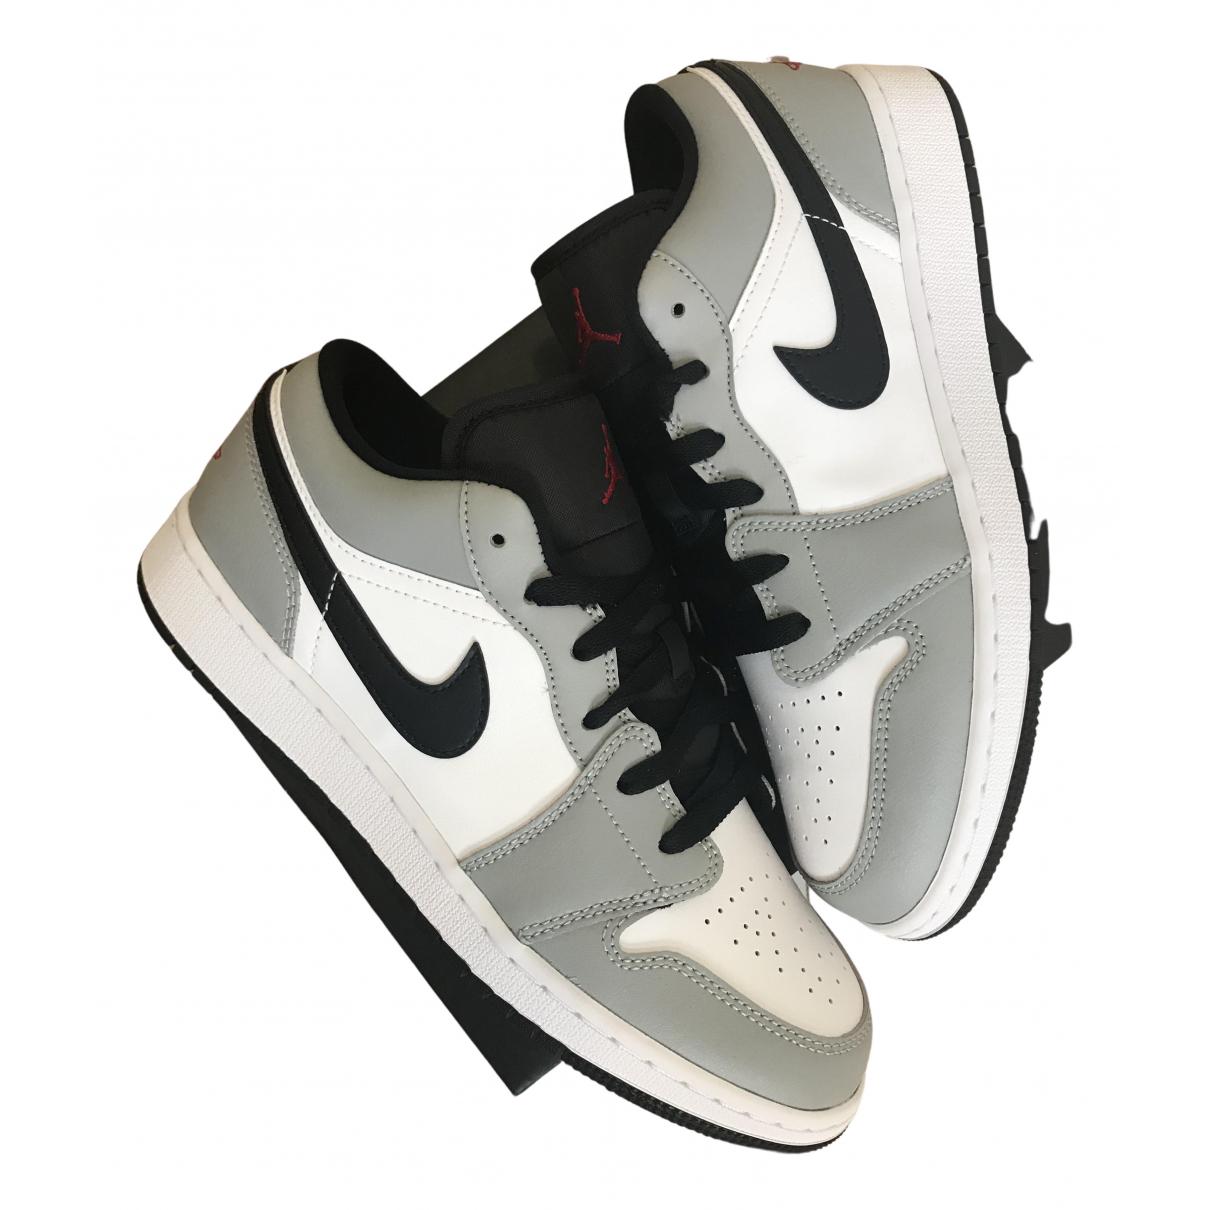 Jordan Air Jordan 1  Grey Leather Trainers for Women 9 US